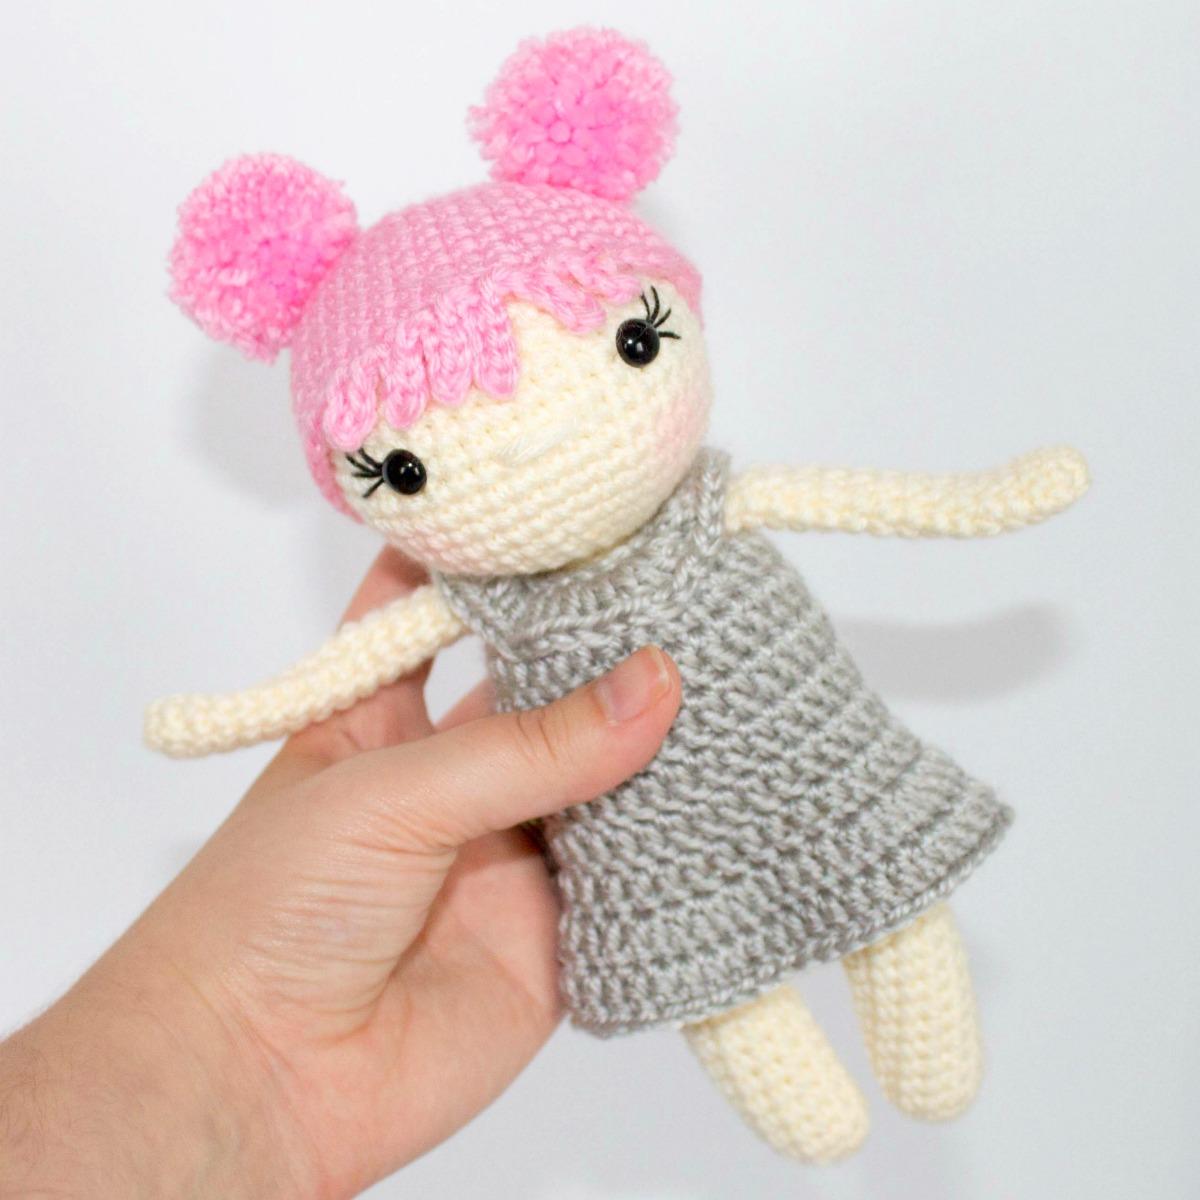 Amigurumi Sweet Small Doll Free Pattern | Easter crochet patterns, Crochet  doll tutorial, Crochet doll pattern | 1200x1200